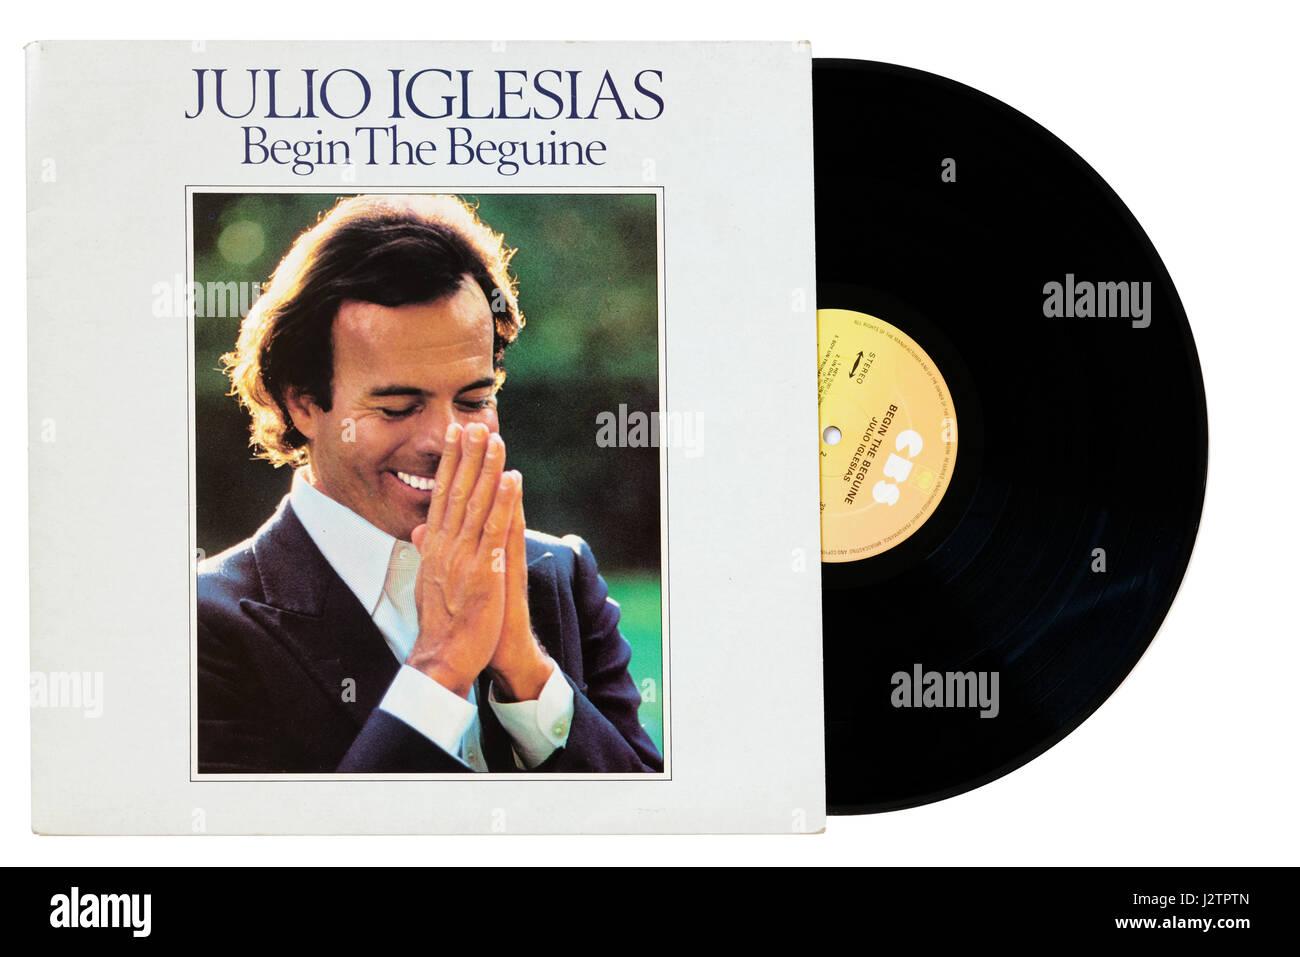 Julio Iglesias album Begin the Beguine - Stock Image